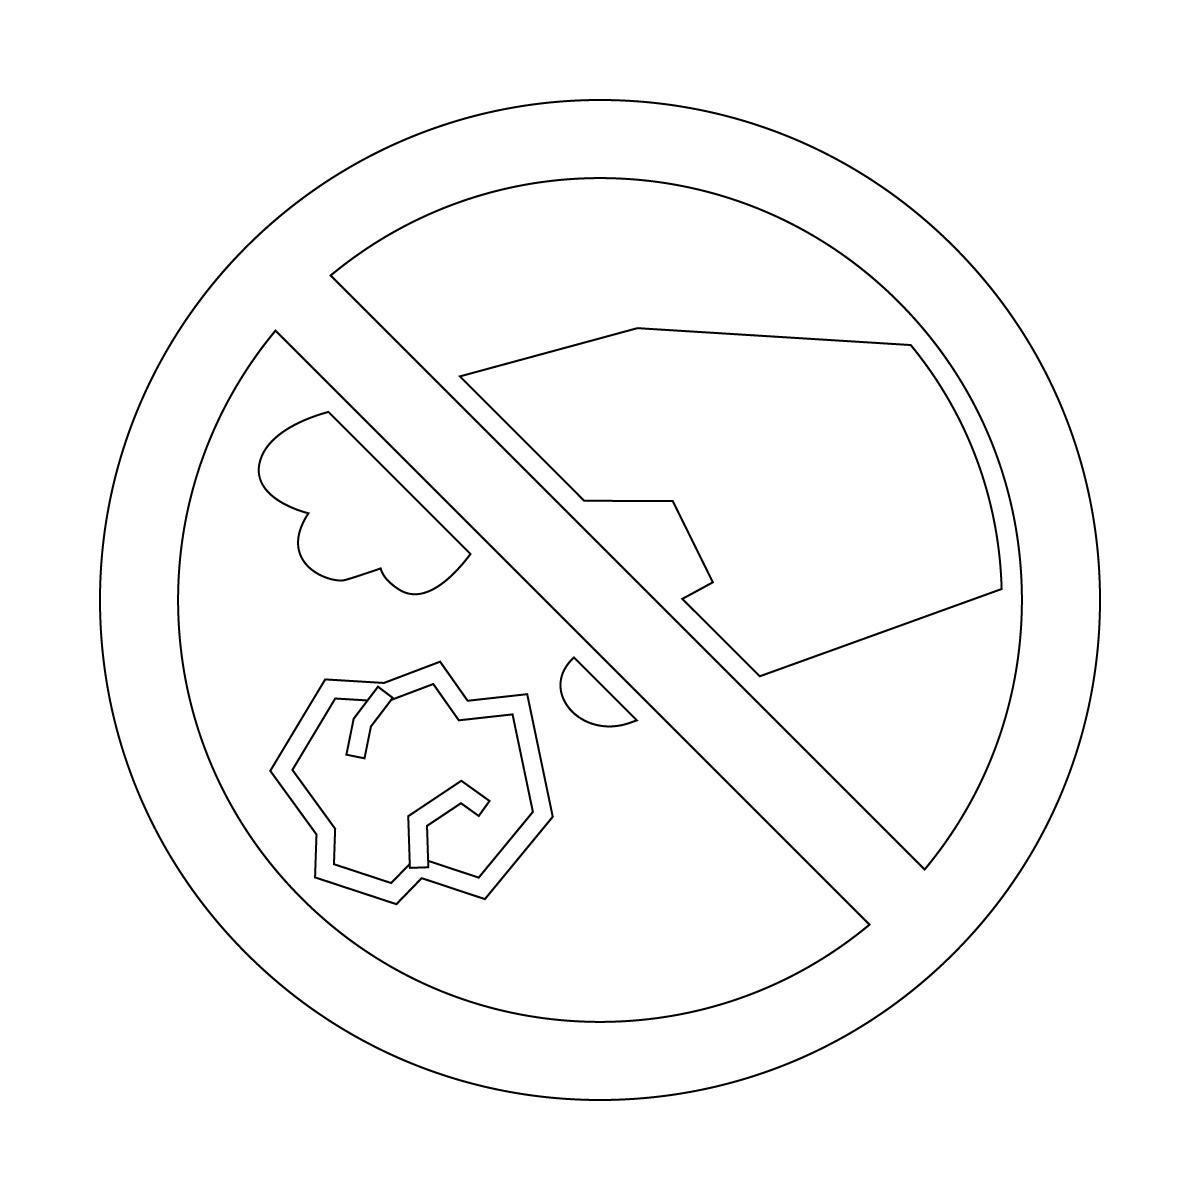 白色のゴミのポイ捨て禁止マークのカッティングステッカー